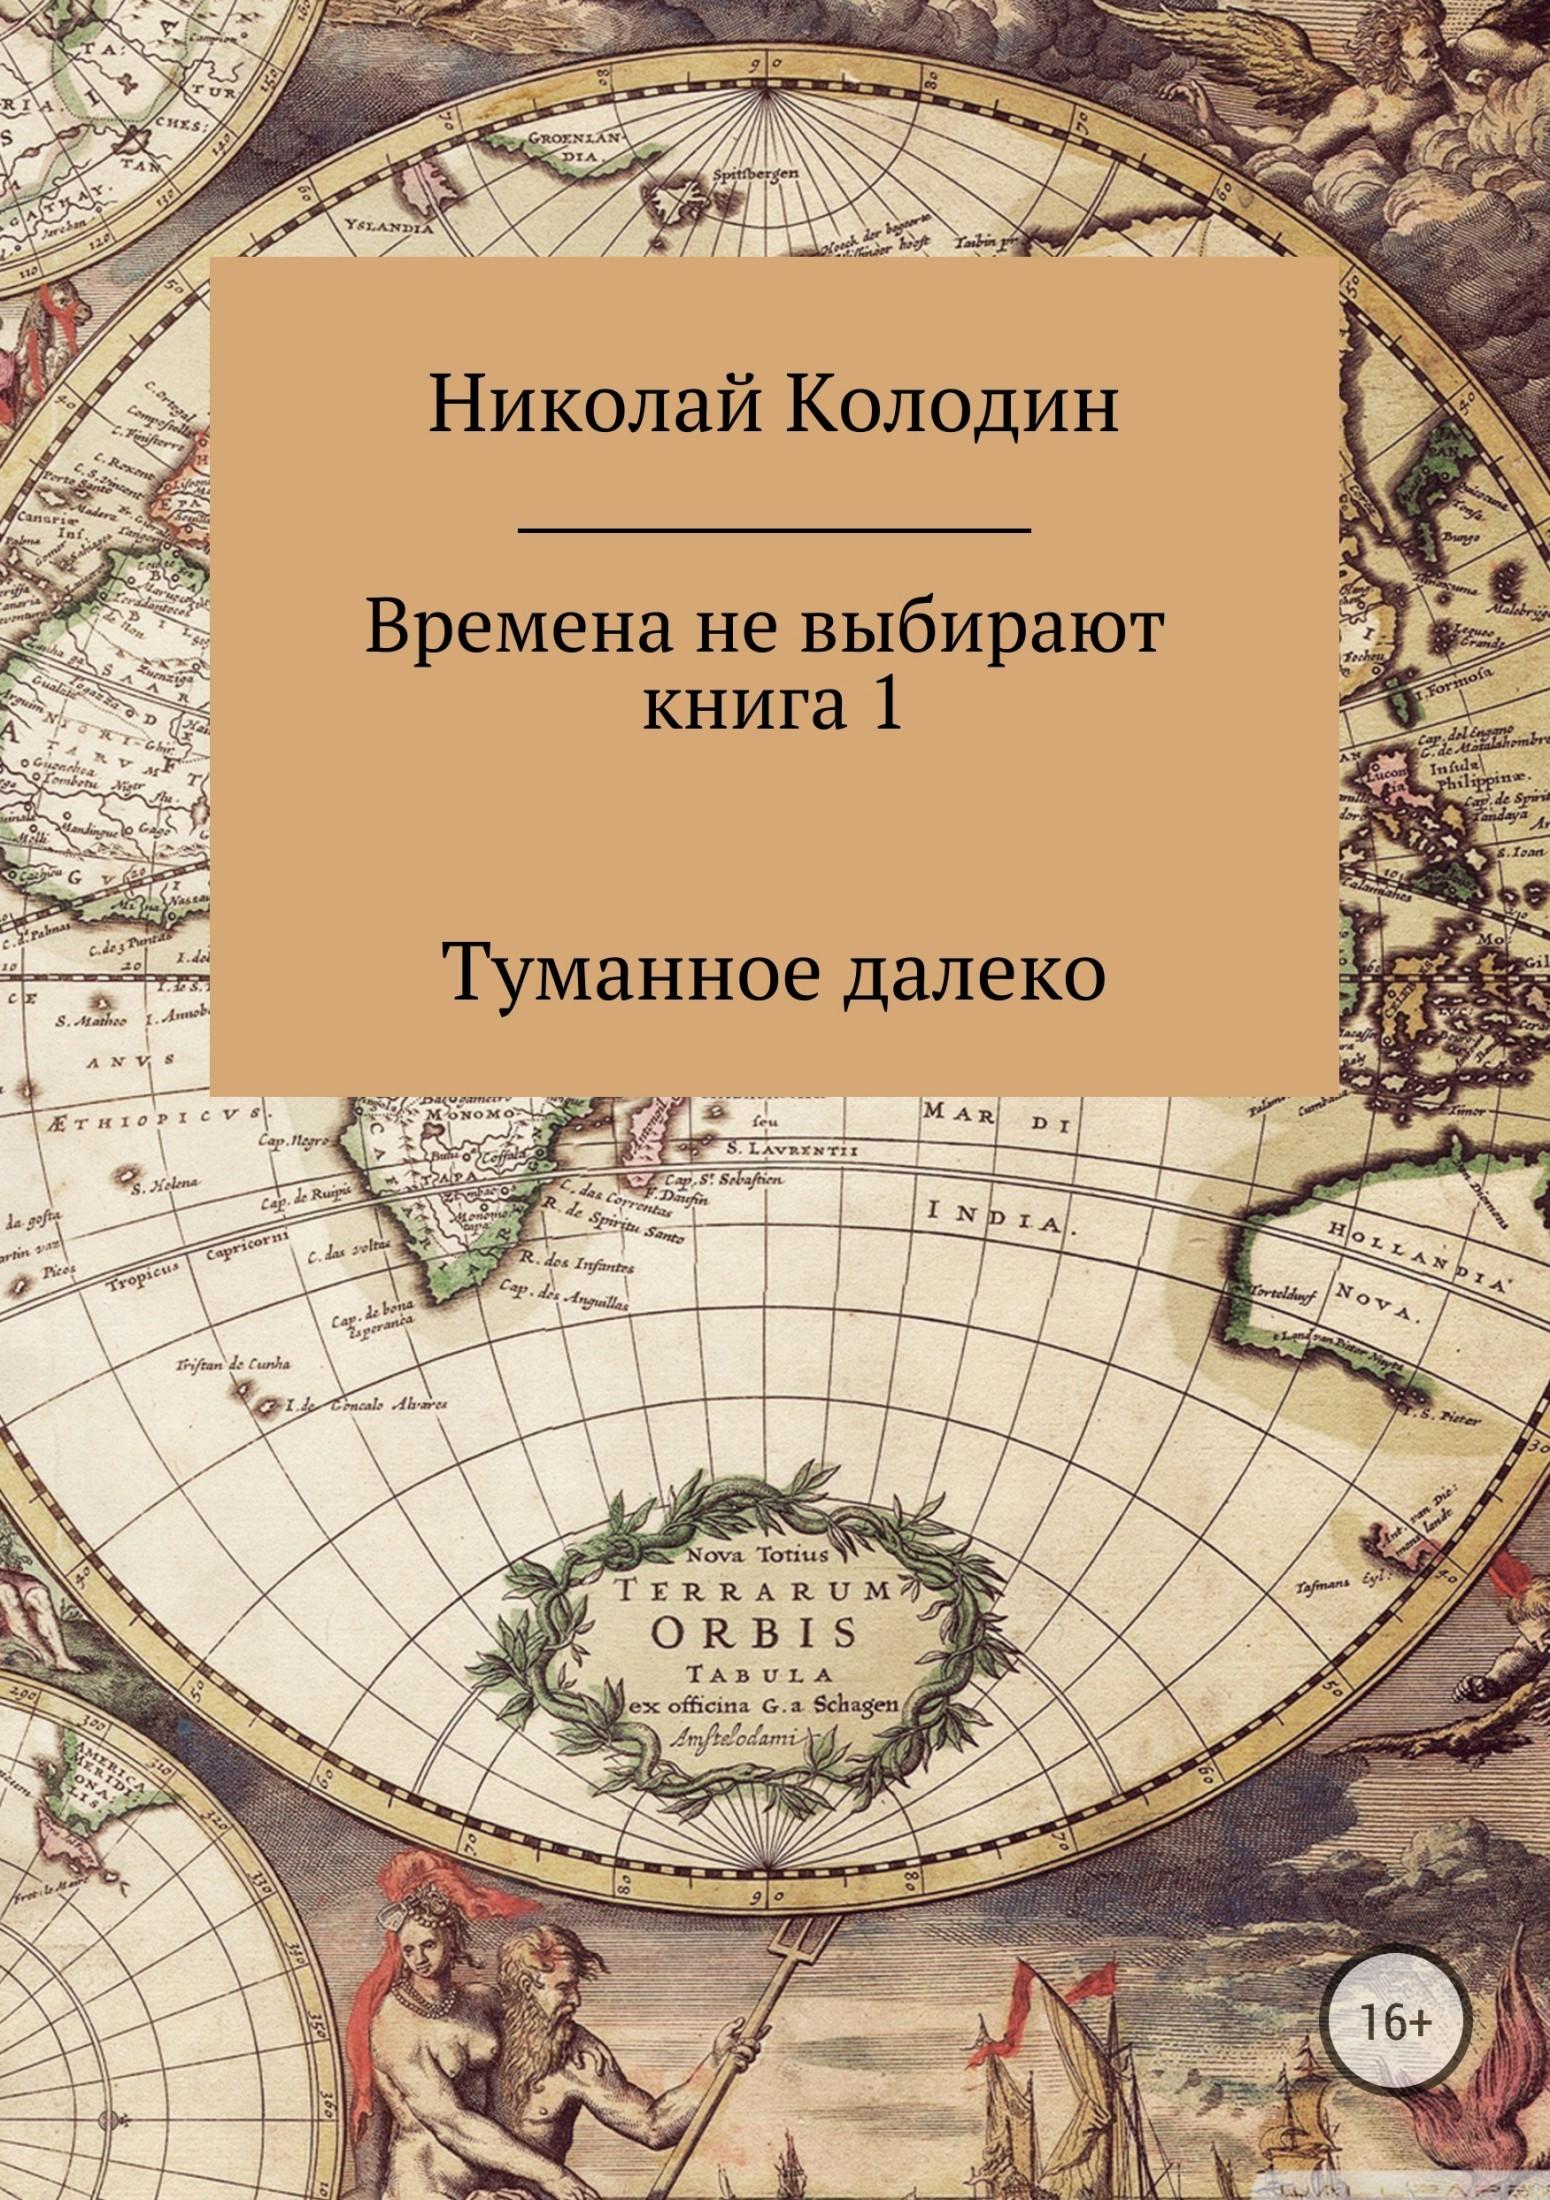 Николай Николаевич Колодин Времена не выбирают. Книга 1. Туманное далеко азаров н судьбу не выбирают накануне книга первая